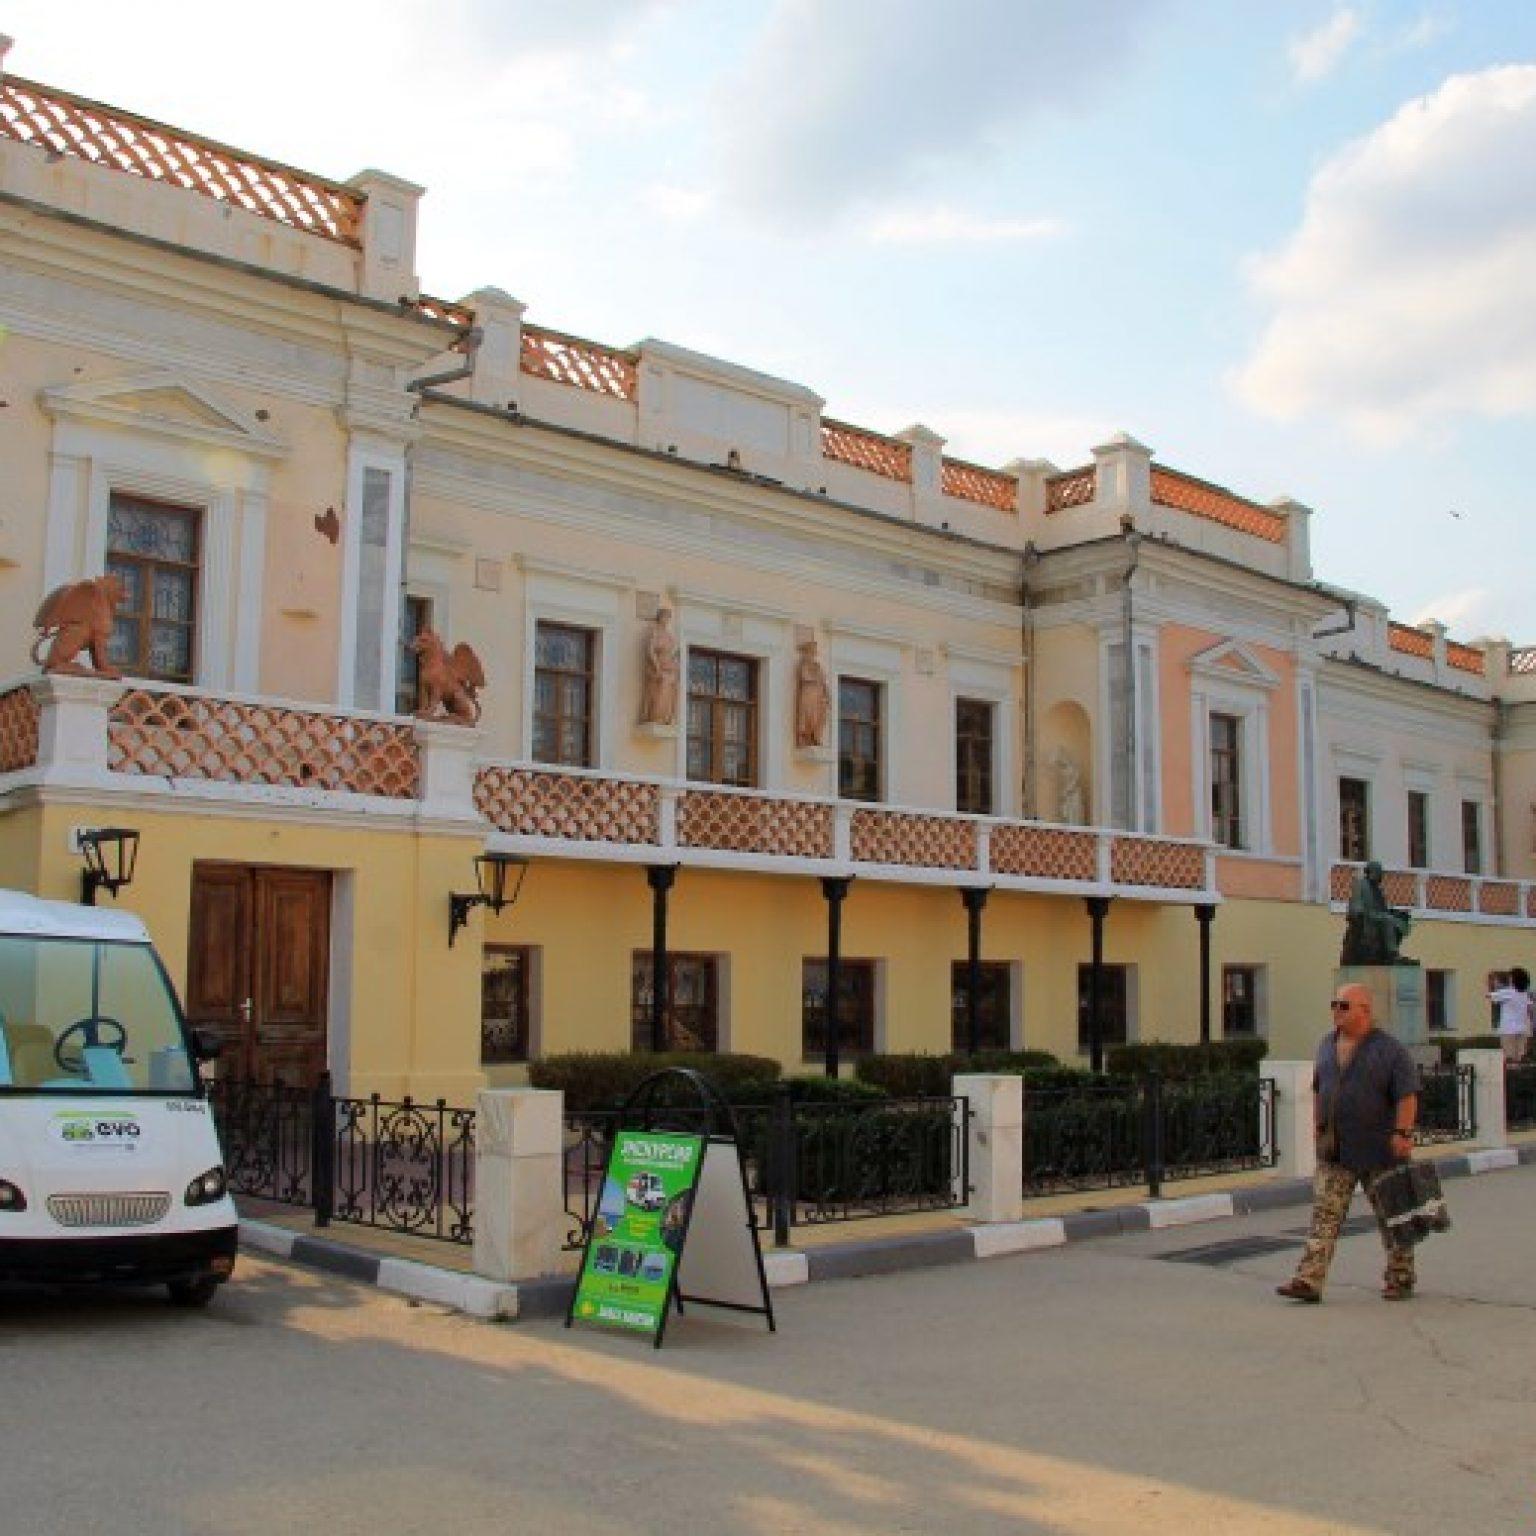 Достопримечательности Крыма - Картинная галерея Айвазовского в Феодосии